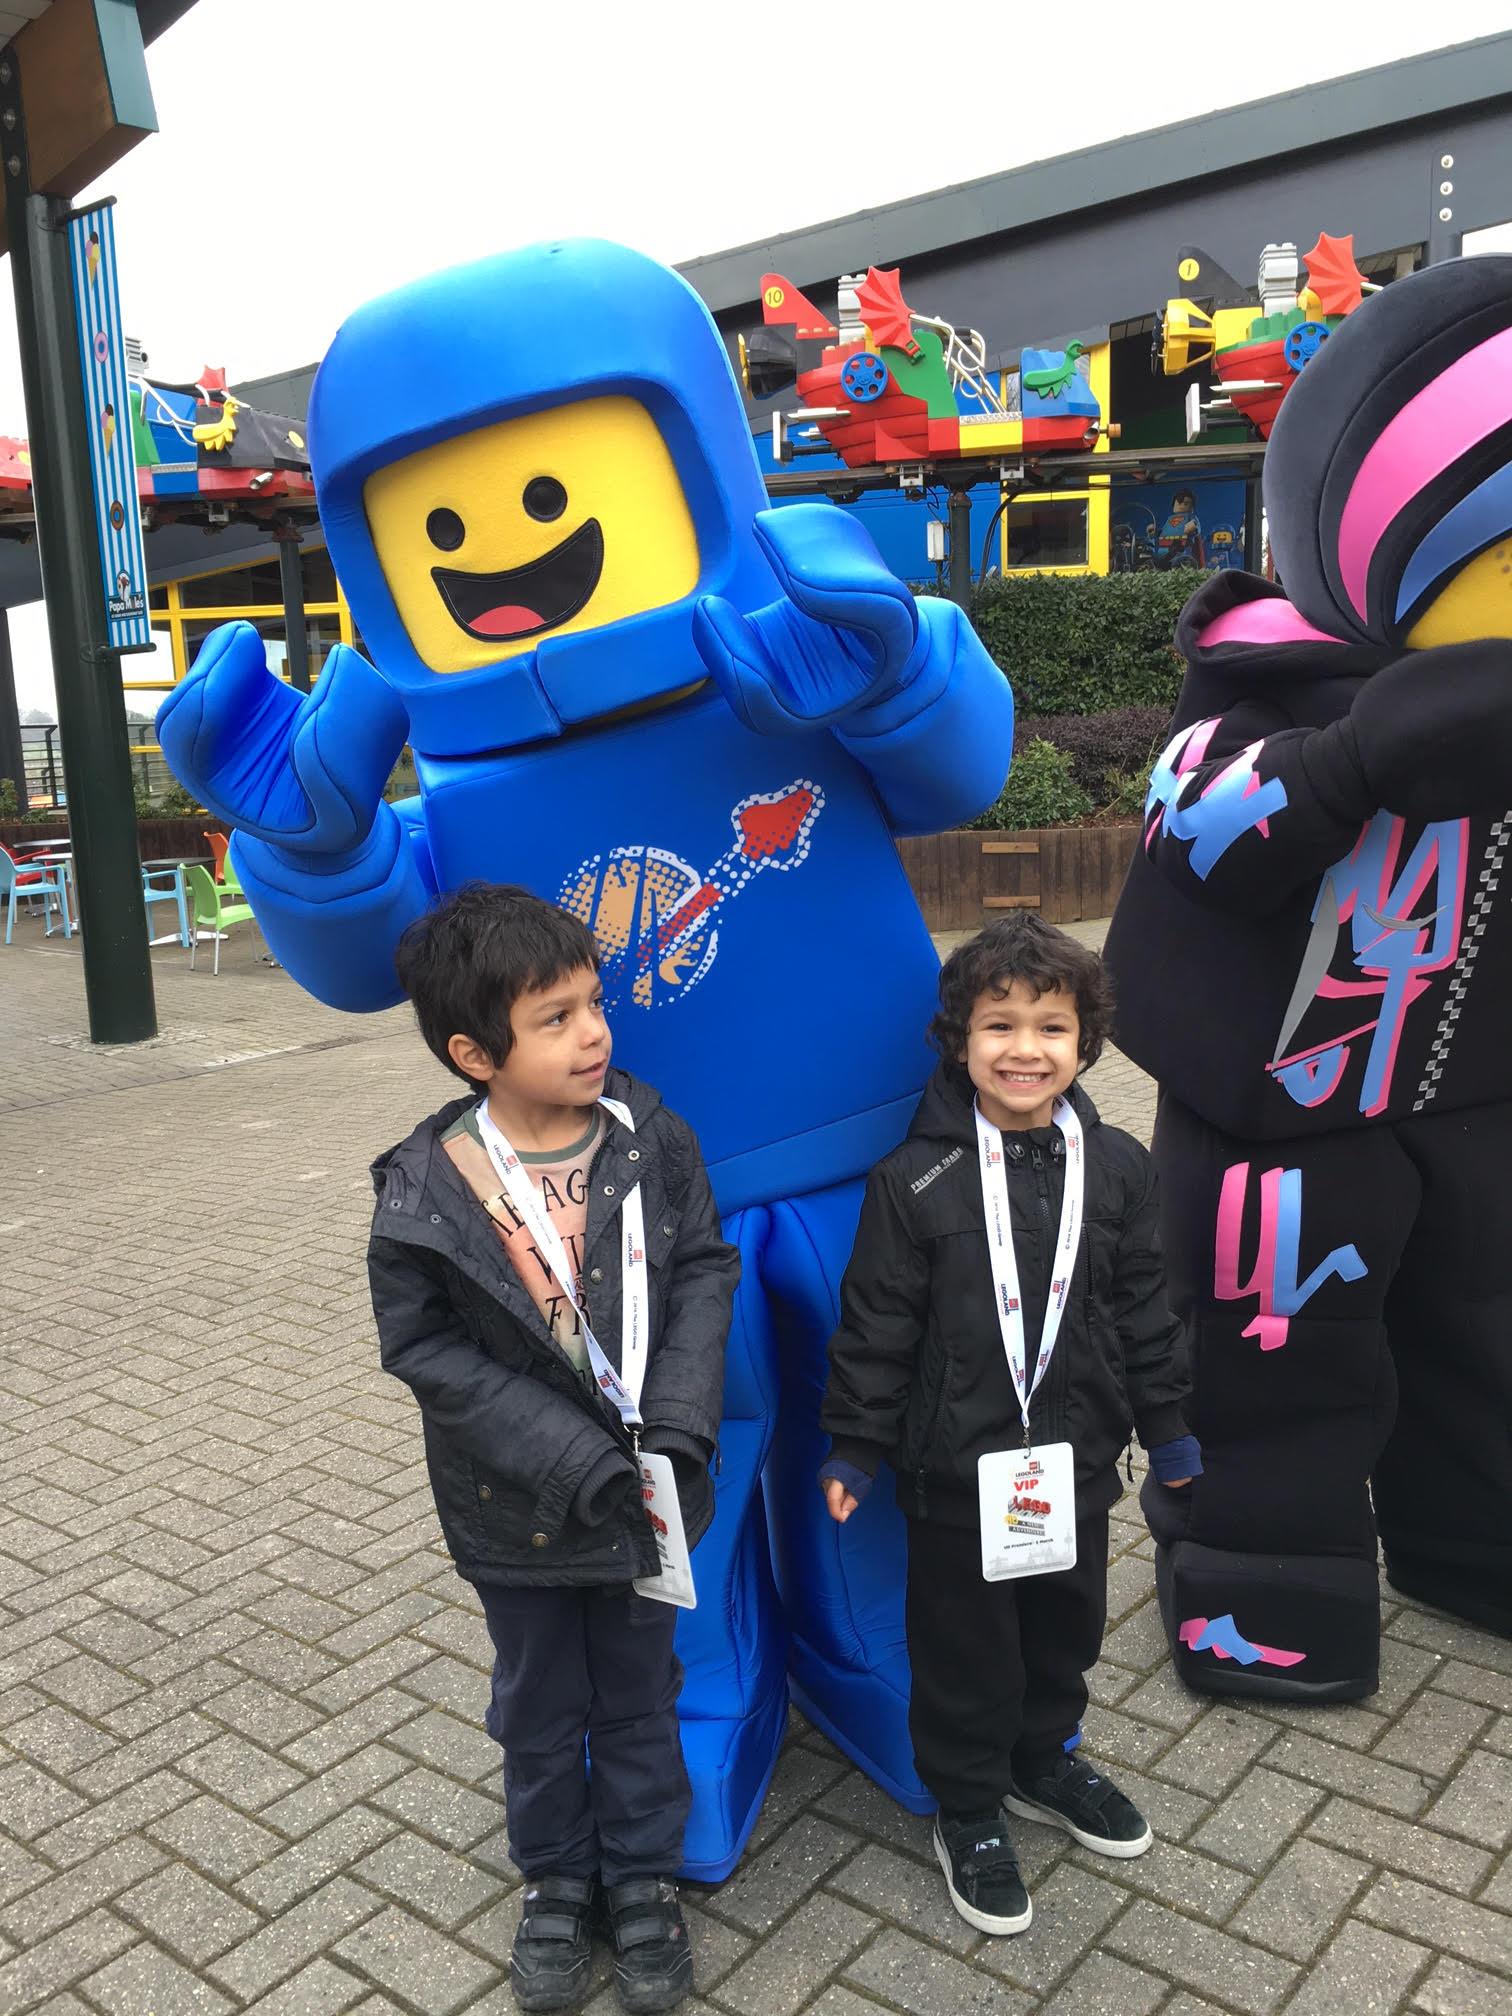 New 4D Adventure at Legoland Windsor